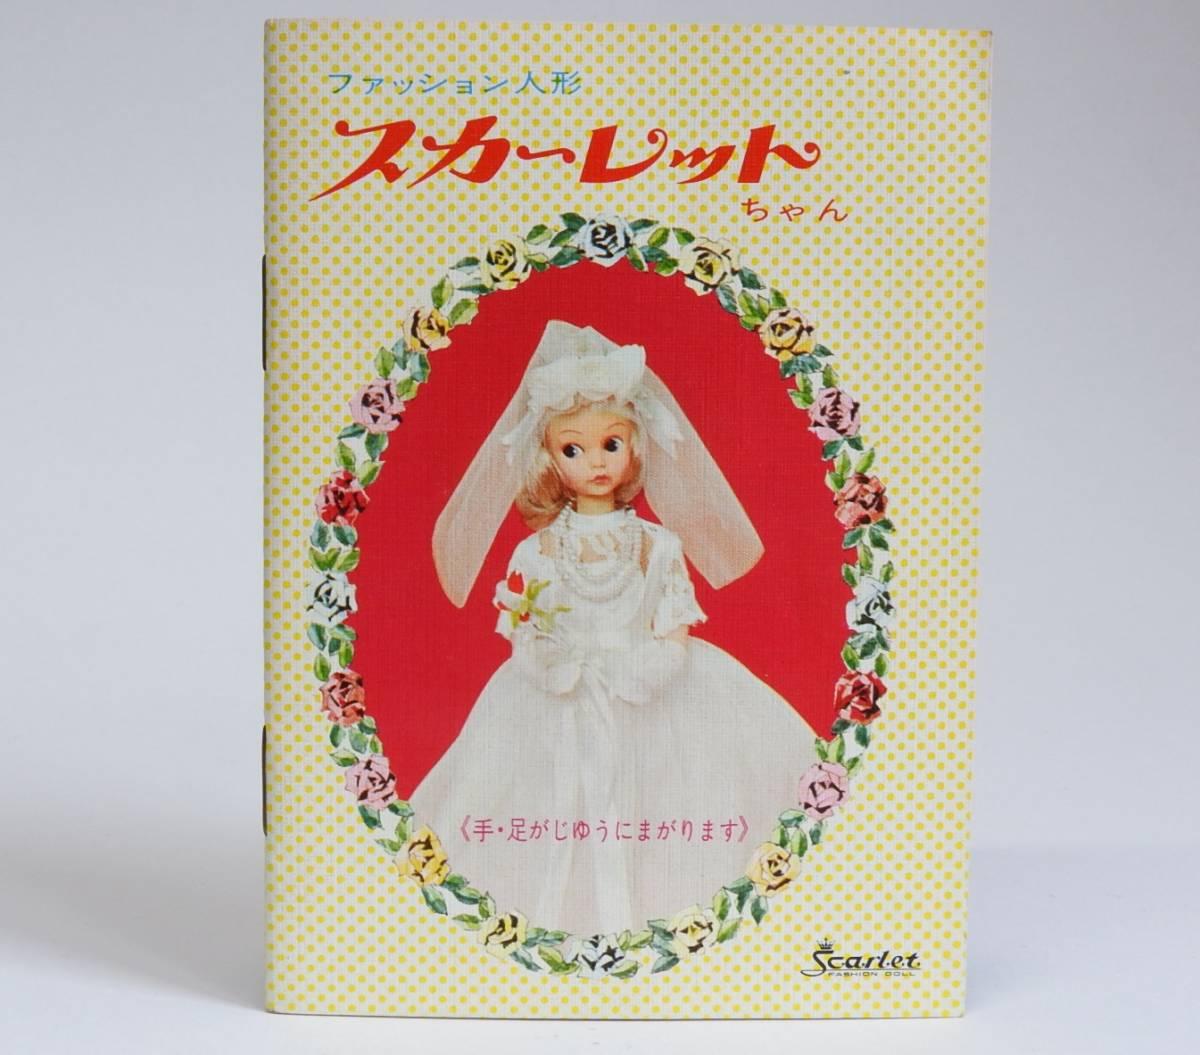 中嶋製作所 スカーレットちゃん カタログ 和服 着物 洋服 着せ替え人形 パンフレット/榊原るみ_画像2